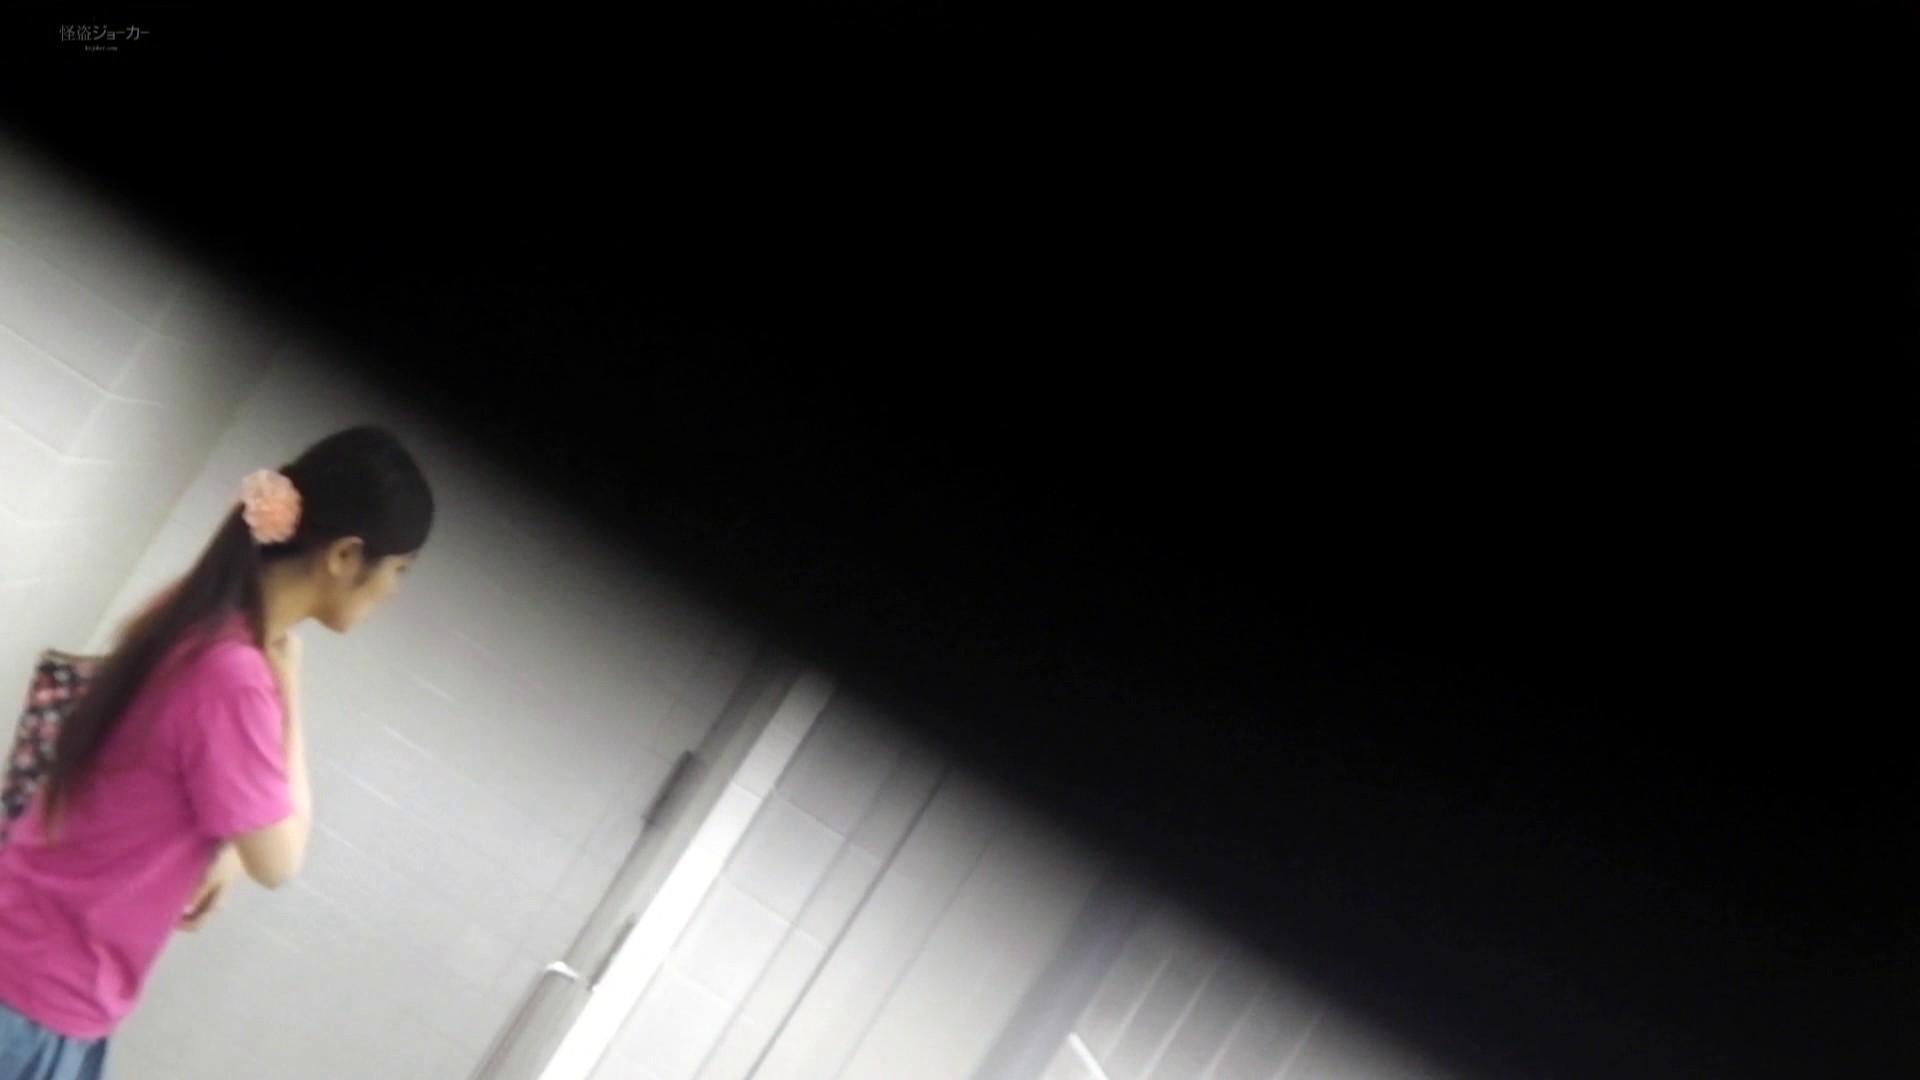 お銀 vol.68 無謀に通路に飛び出て一番明るいフロント撮り実現、見所満載 美人  103pic 18